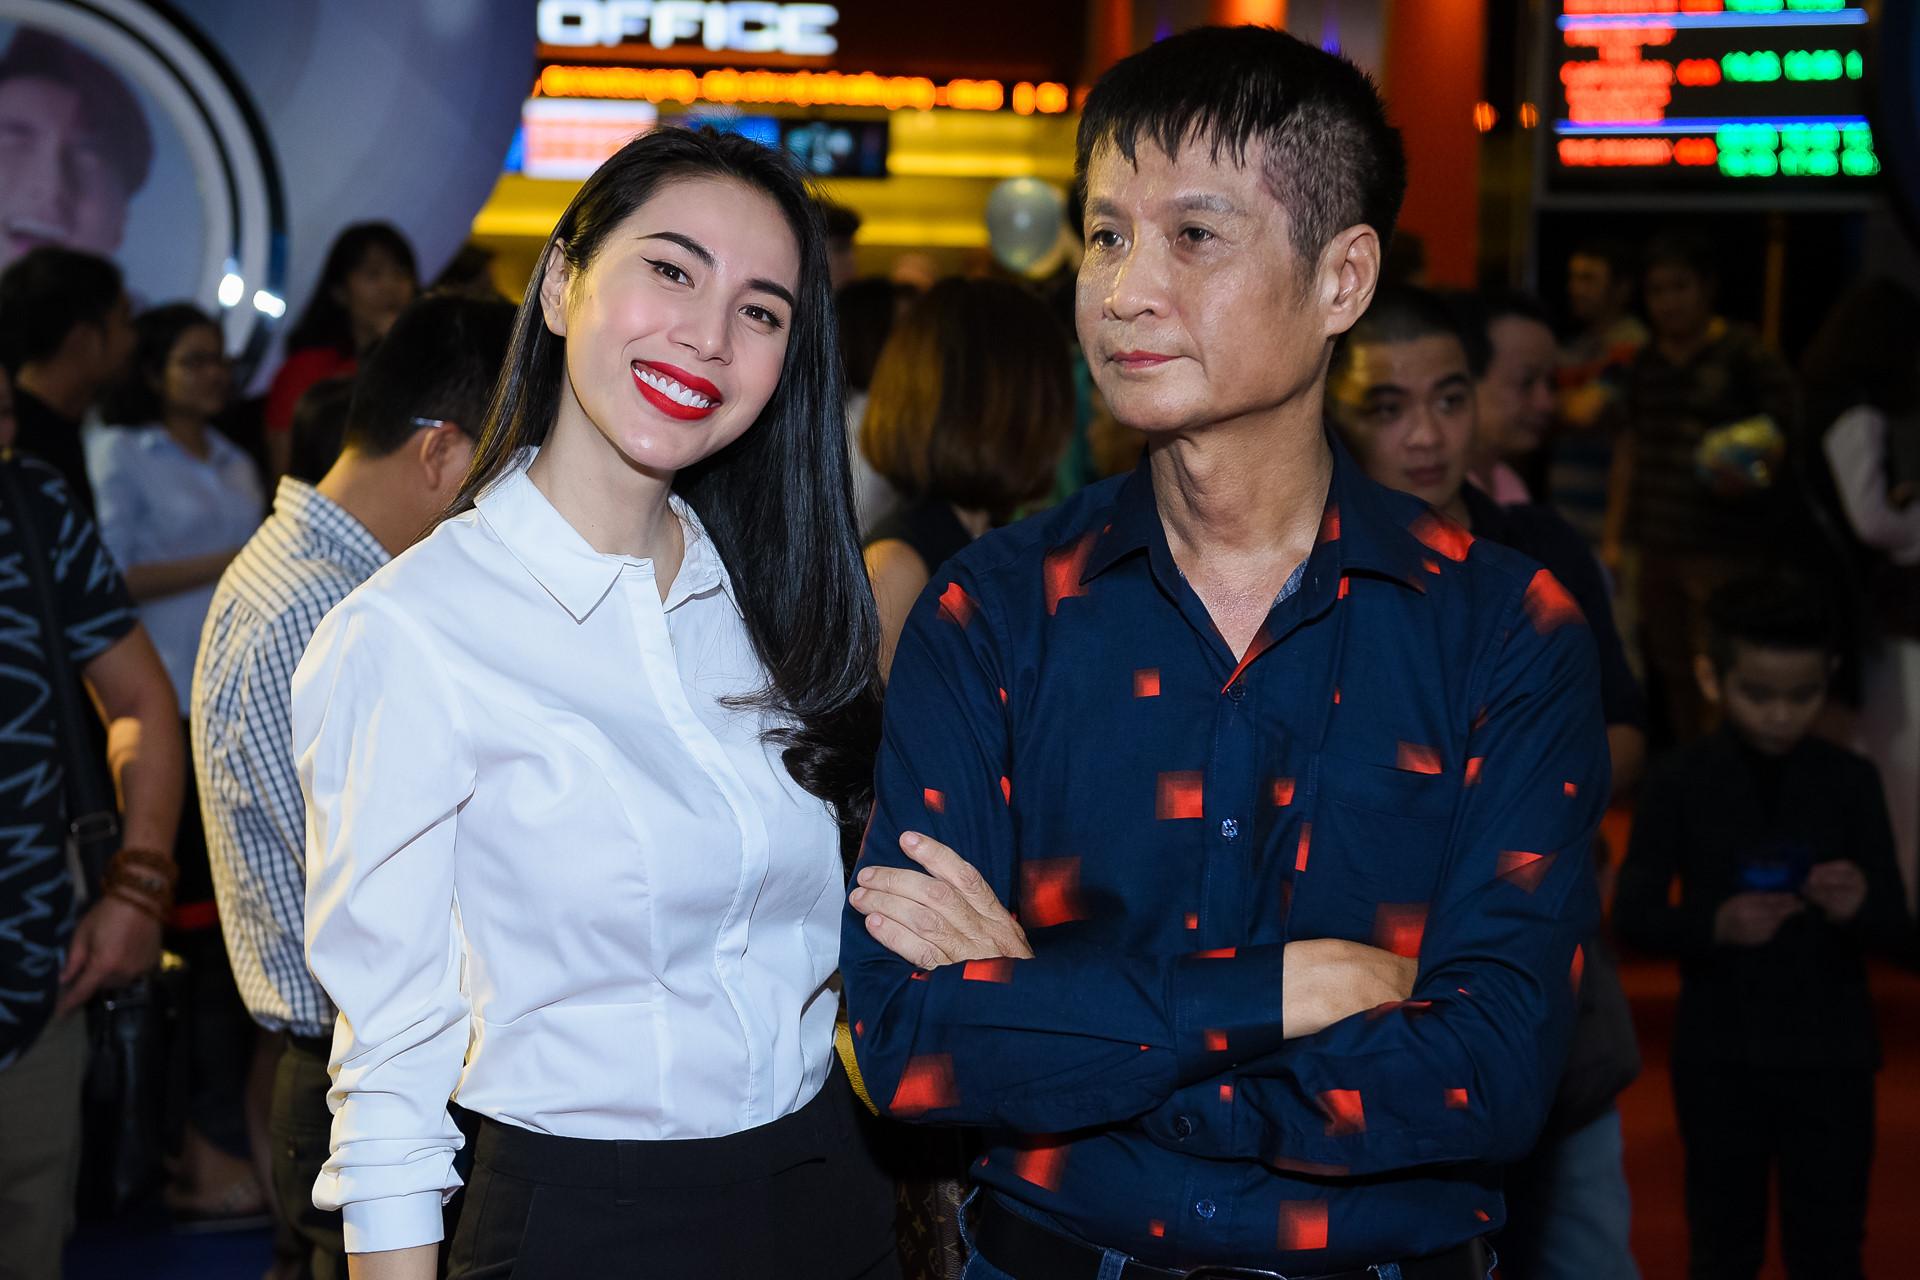 Thủy Tiên, Nhã Phương dự ra mắt phim mới của đạo diễn Lê Hoàng